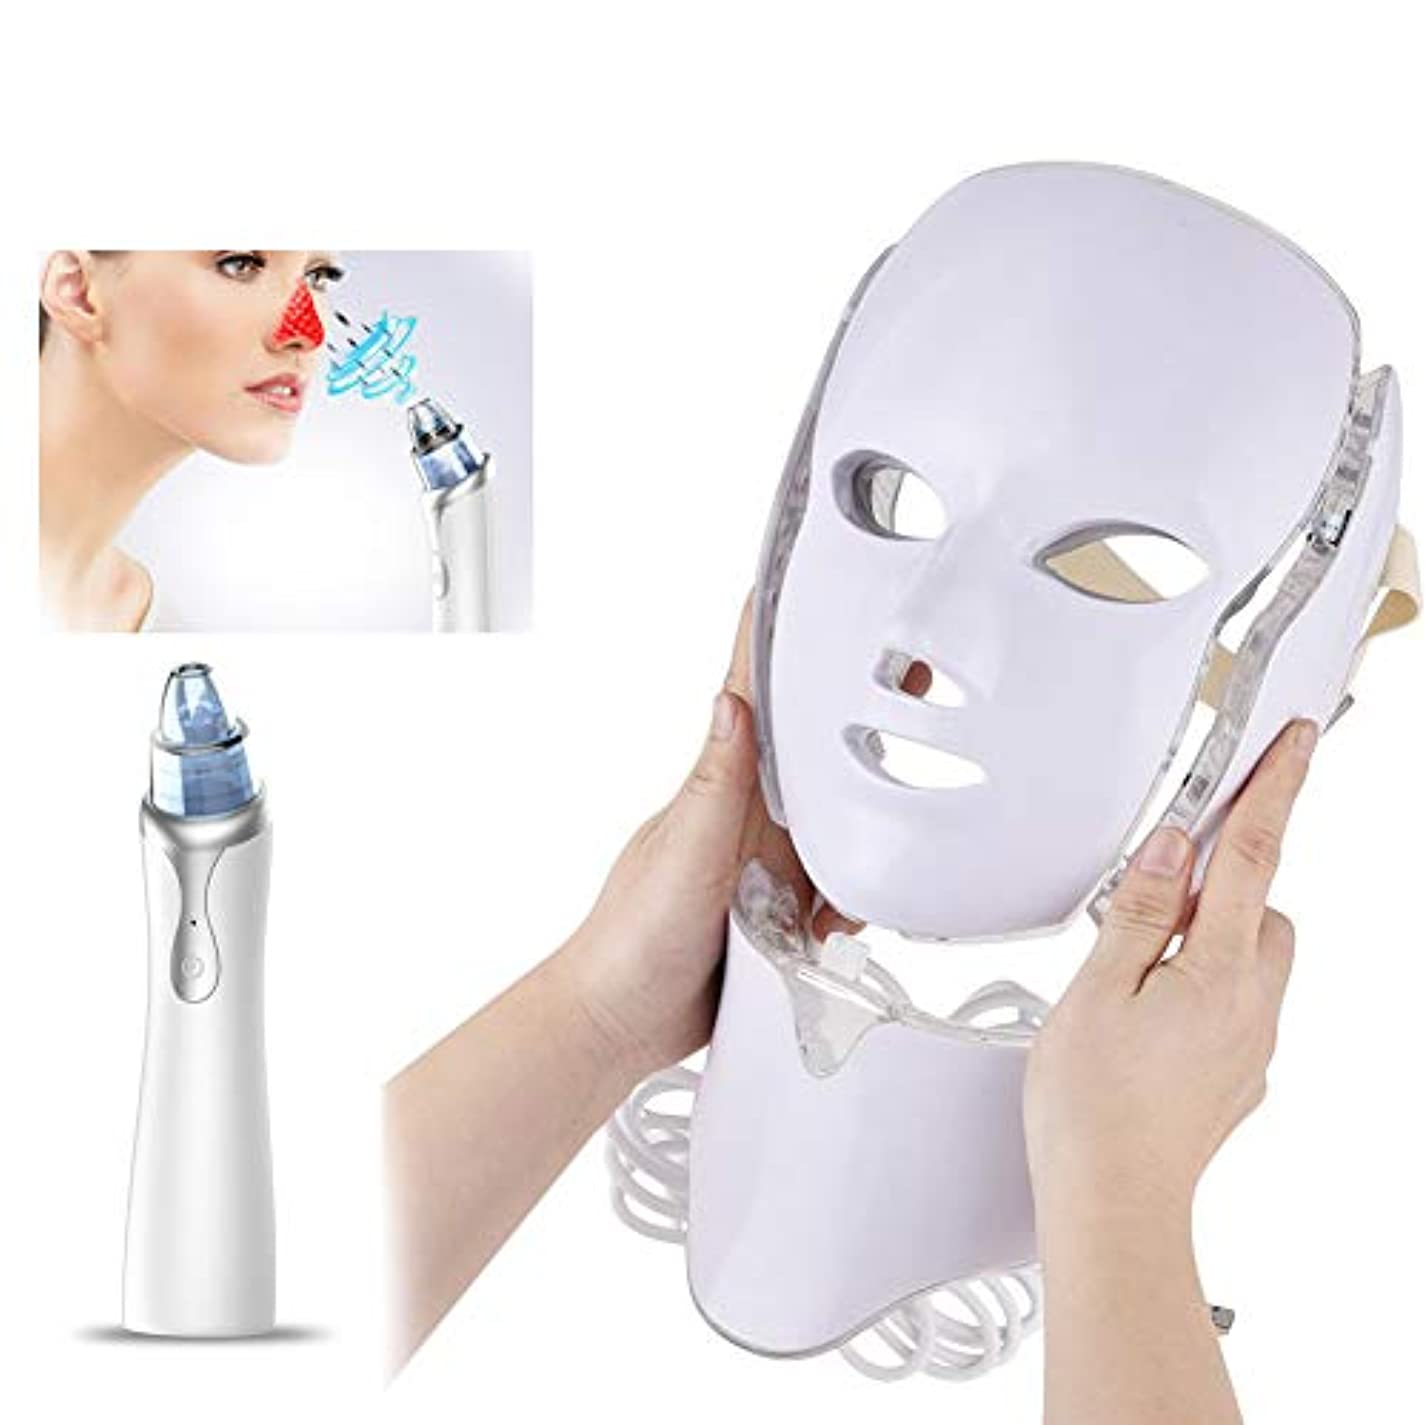 オリエント無許可あたりアンチエイジングフォトンライトスキンリジュビネーションフェイシャルケア用美容マスクプロLEDライトセラピーマスク(ギフトブラックヘッドインストゥルメント)